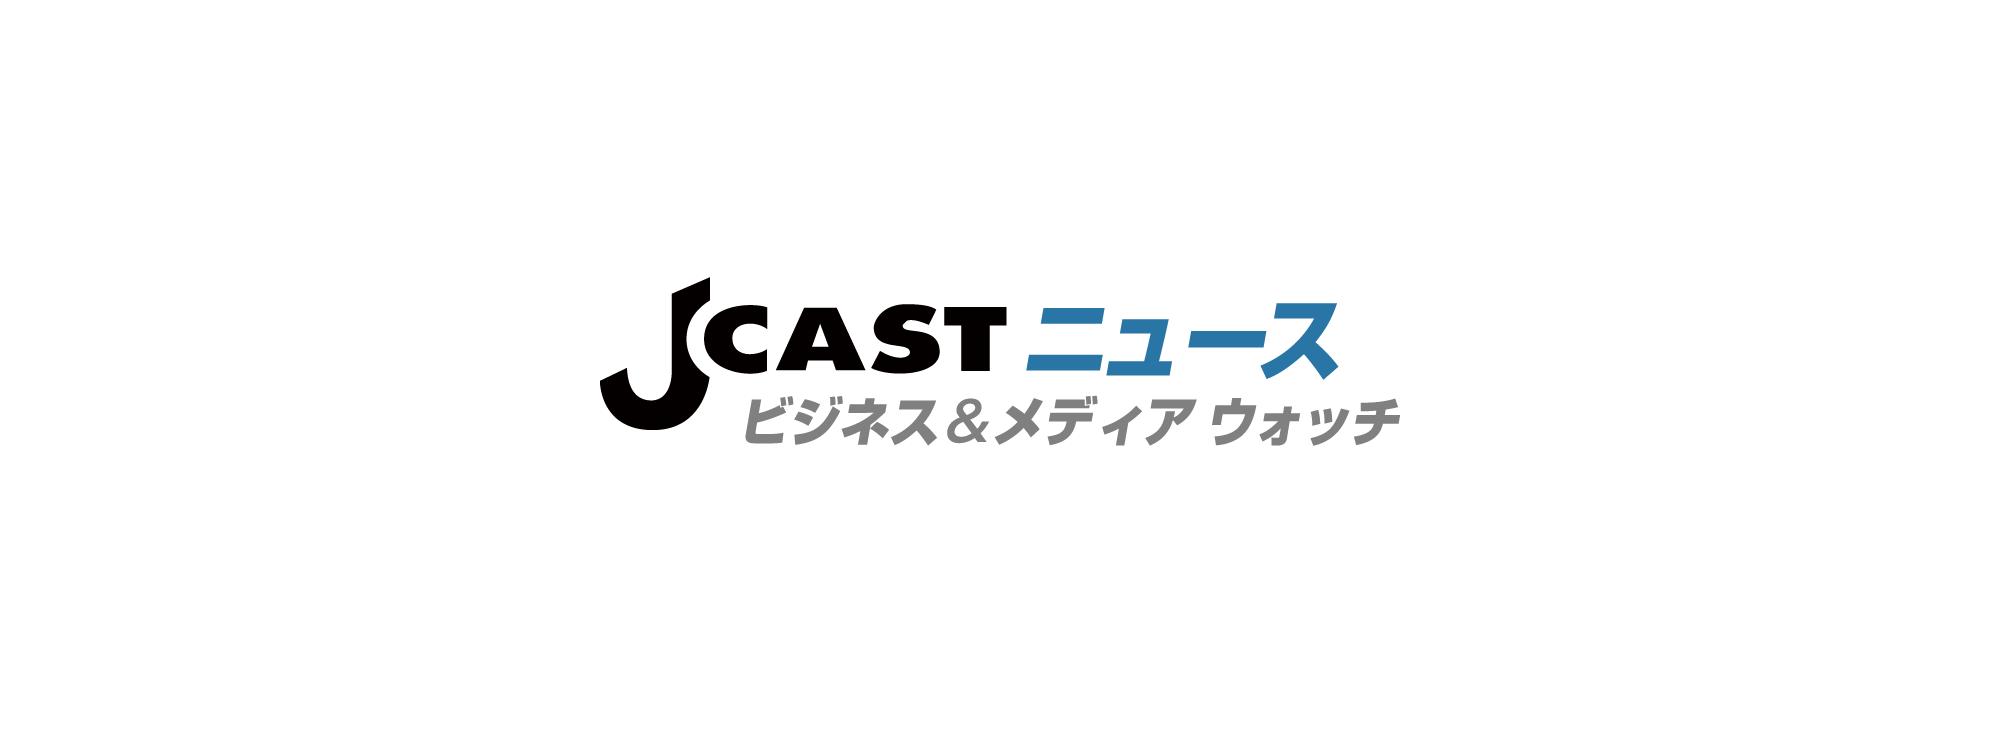 全文表示 | フリー演技中リンクに謎の物体 真央見舞われたアクシデントの真相 : J-CASTニュース